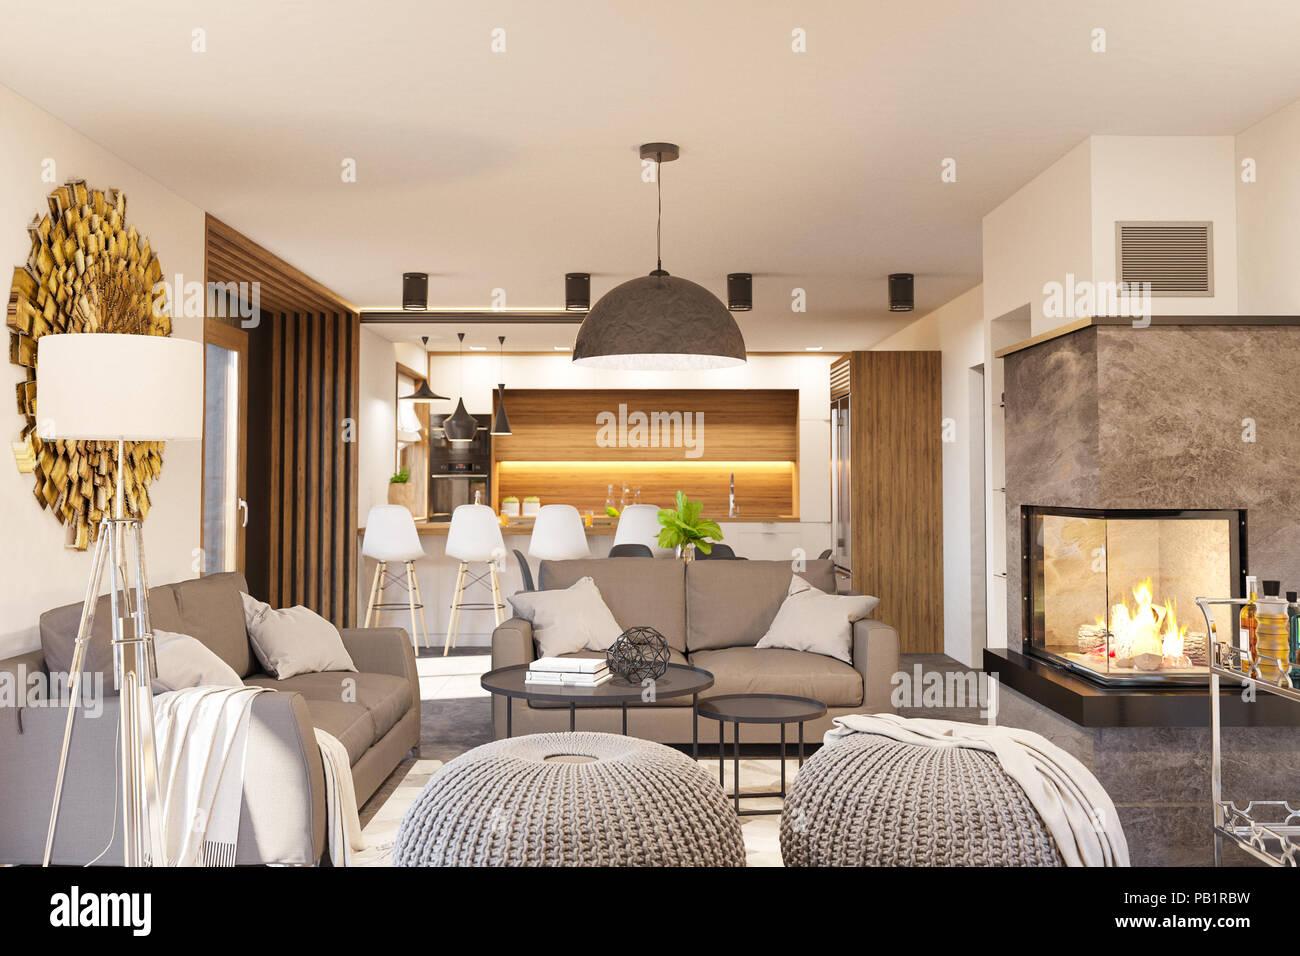 Soggiorno e cucina arredamento con camino. Casa moderna in stile ...